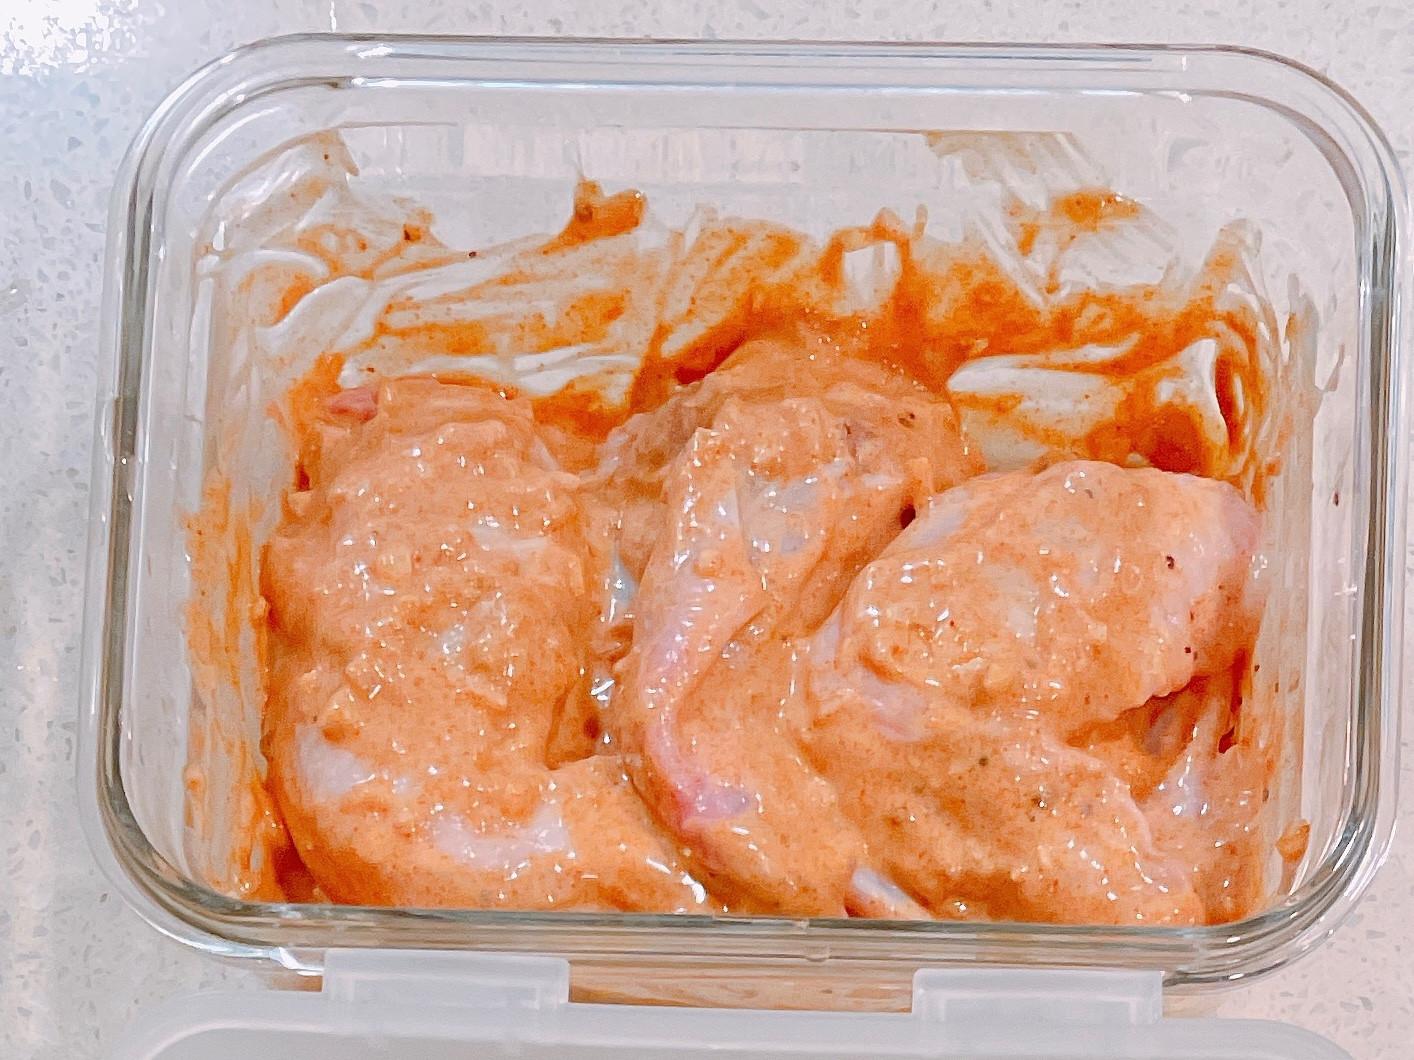 自製烤肉醃醬-匈牙利紅椒優格雞翅